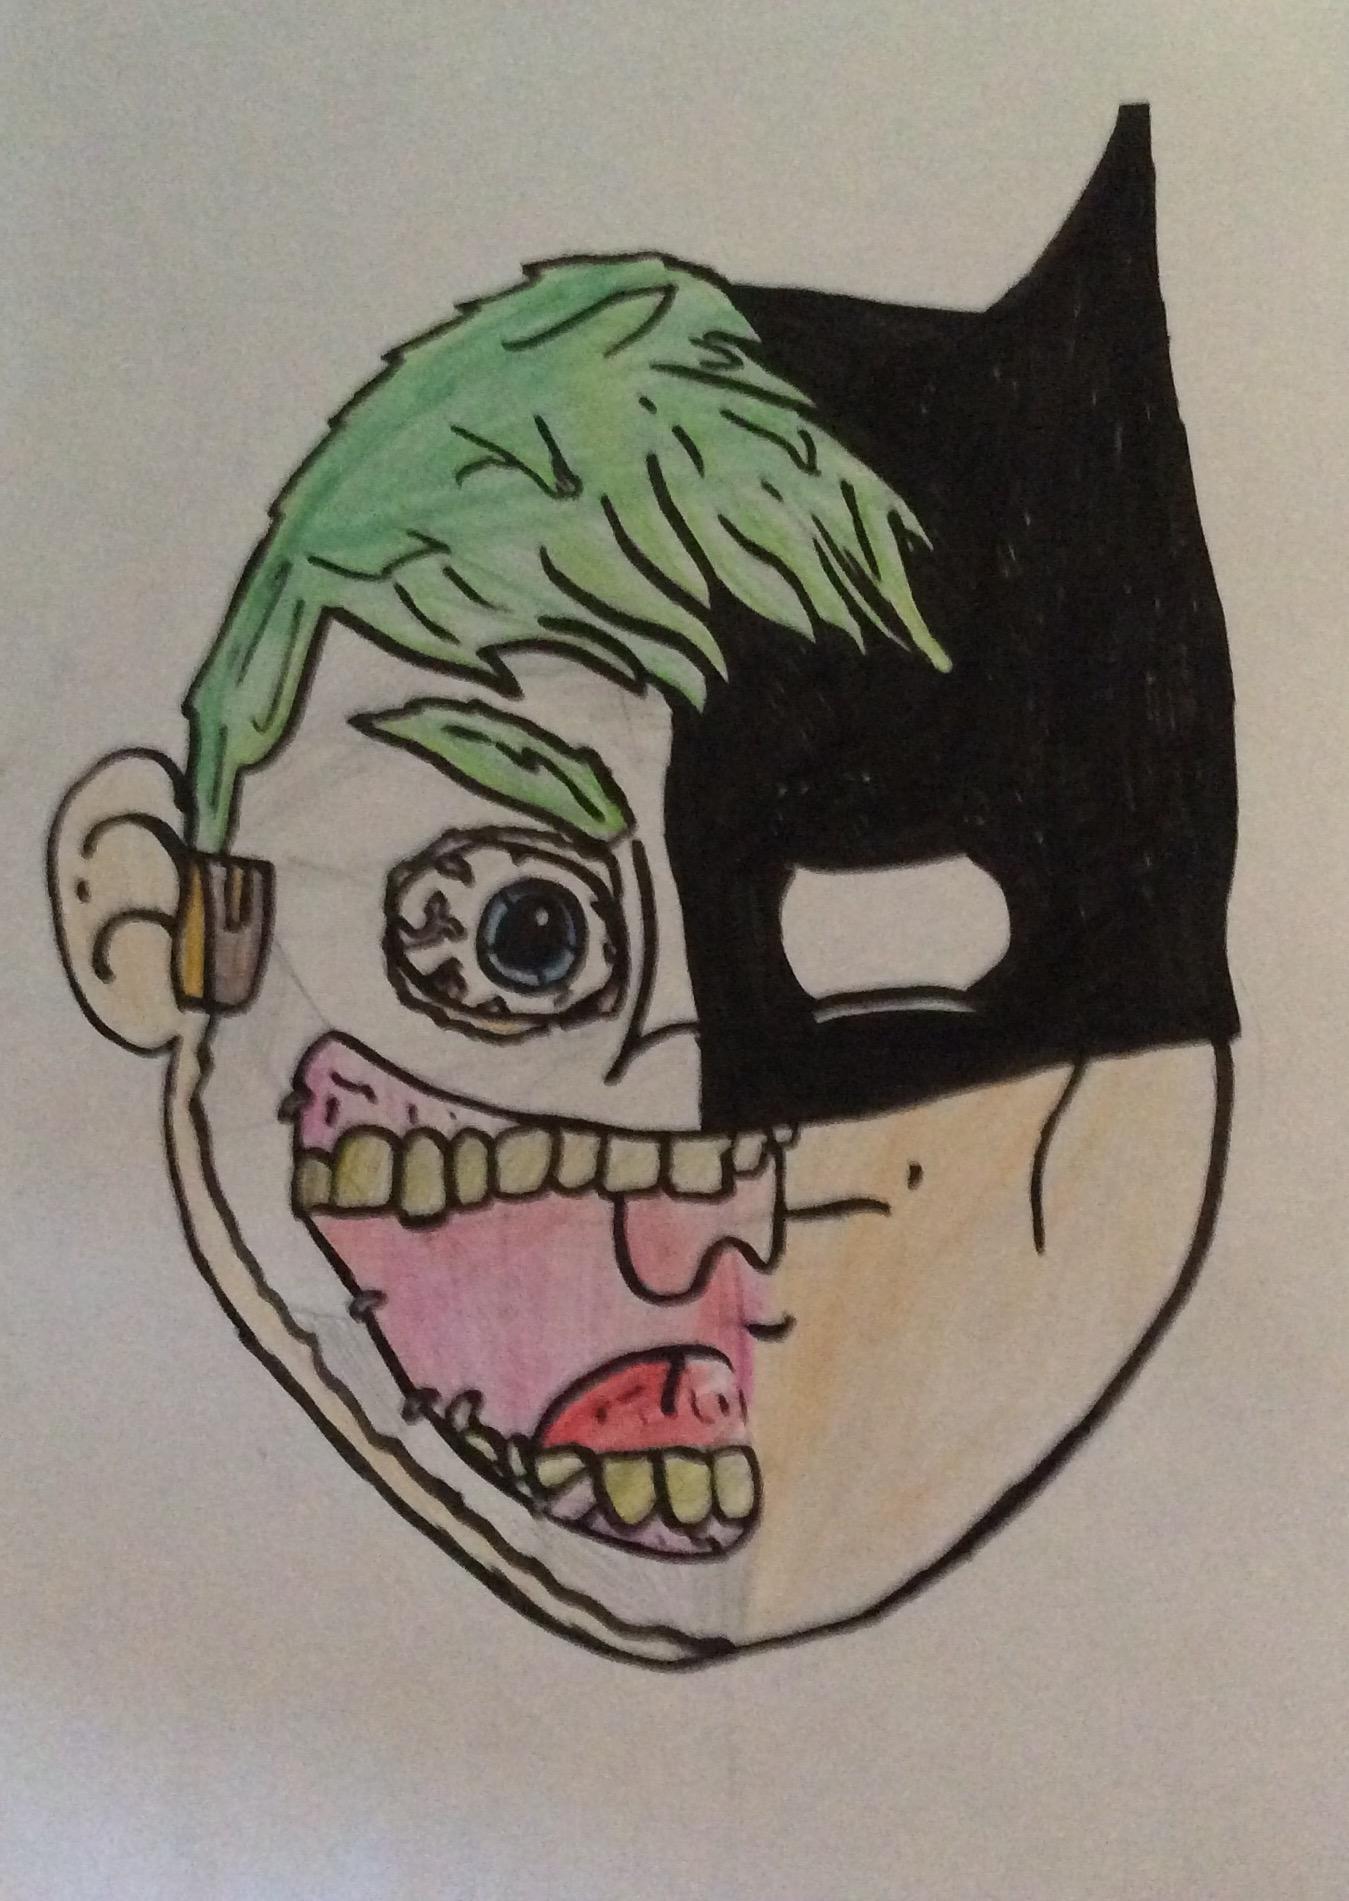 Joker and Batman face